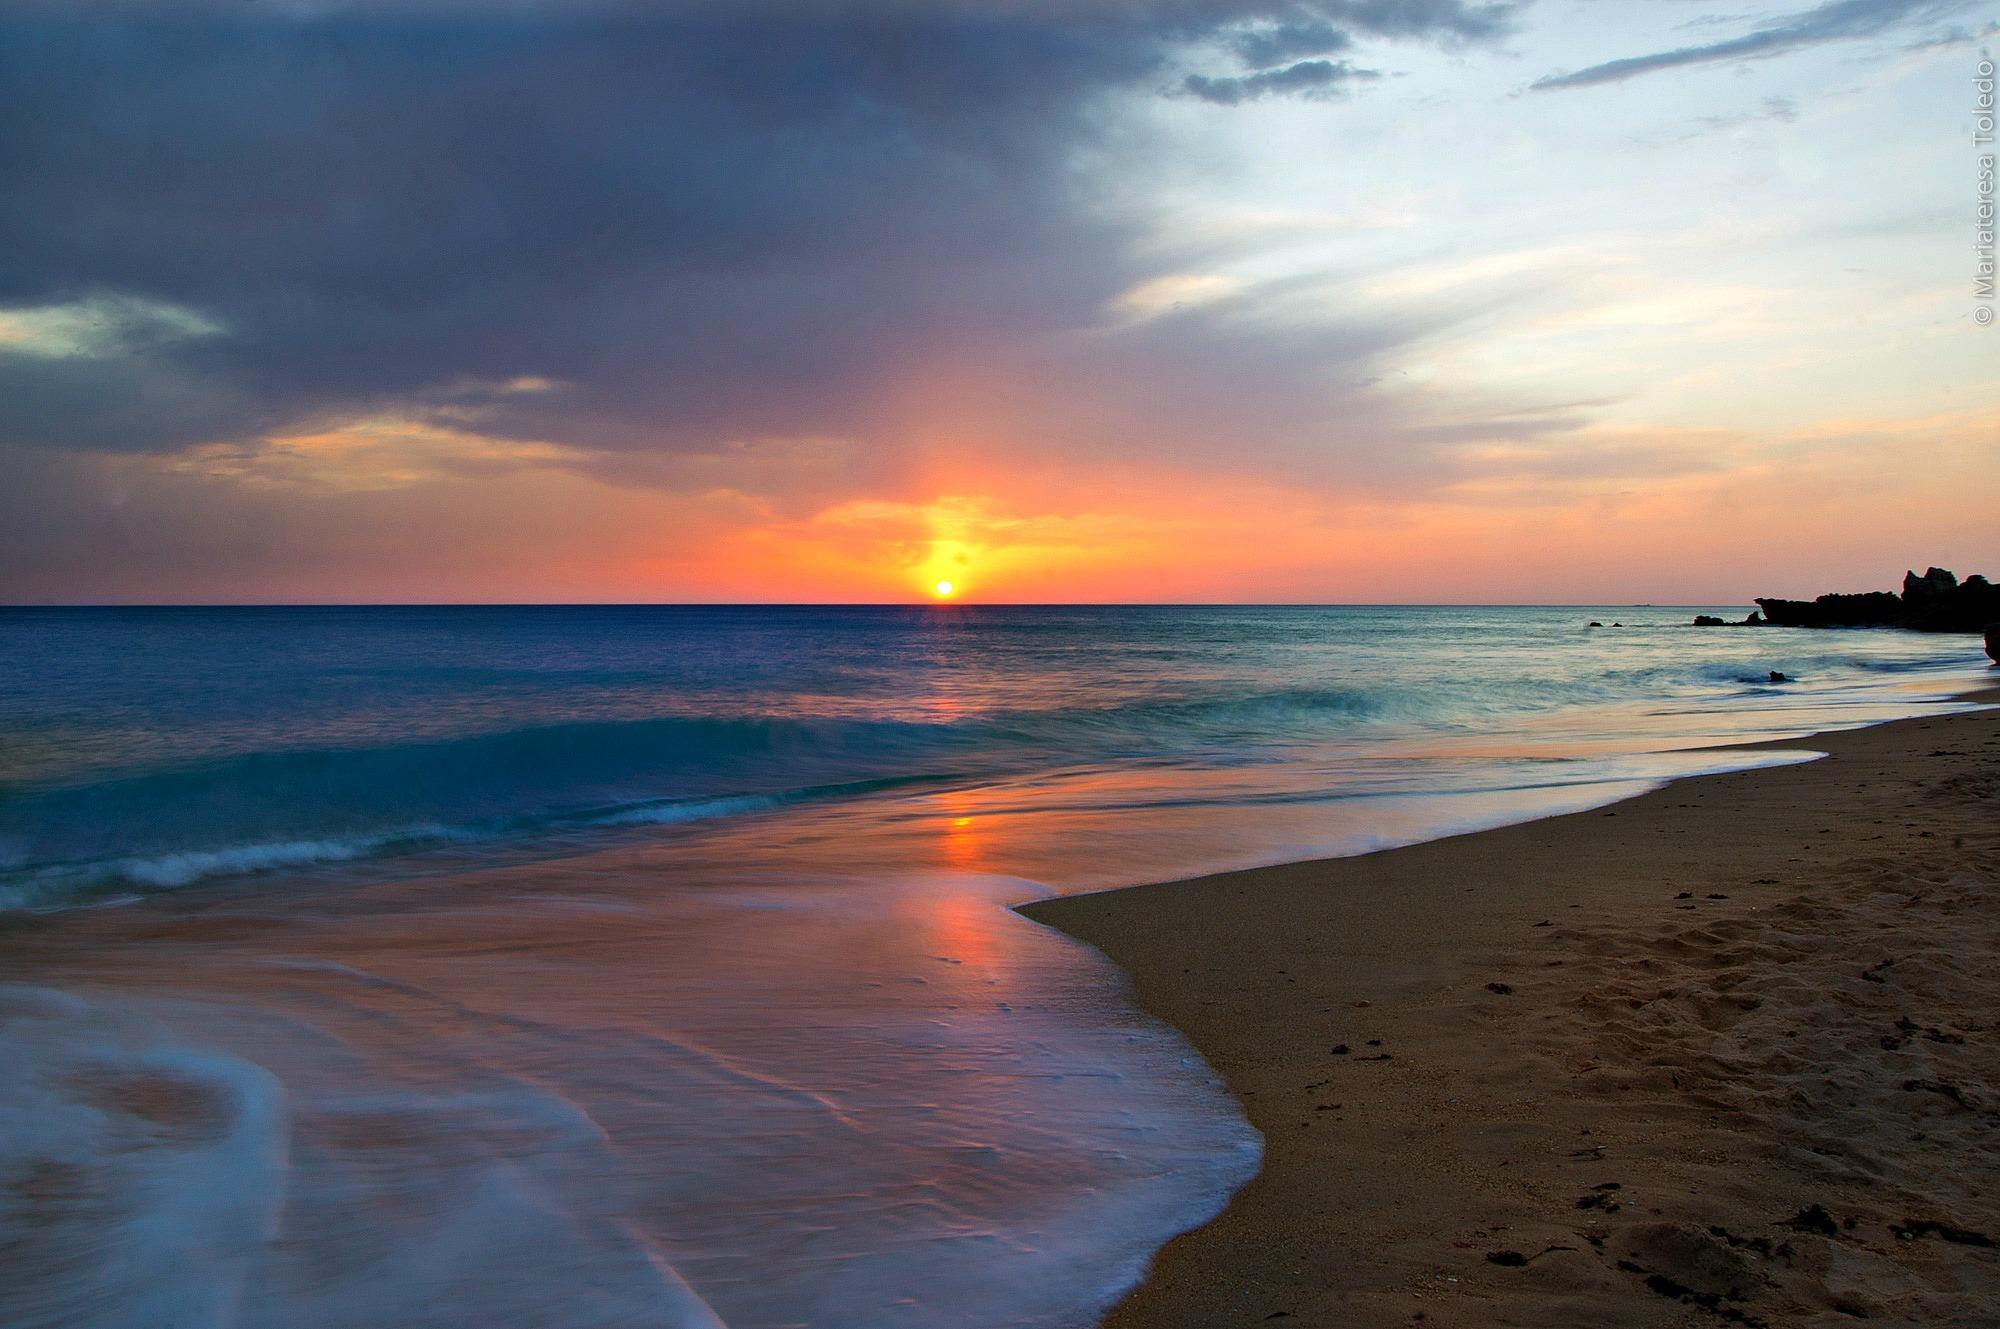 рассвет на берегу моря фото отце